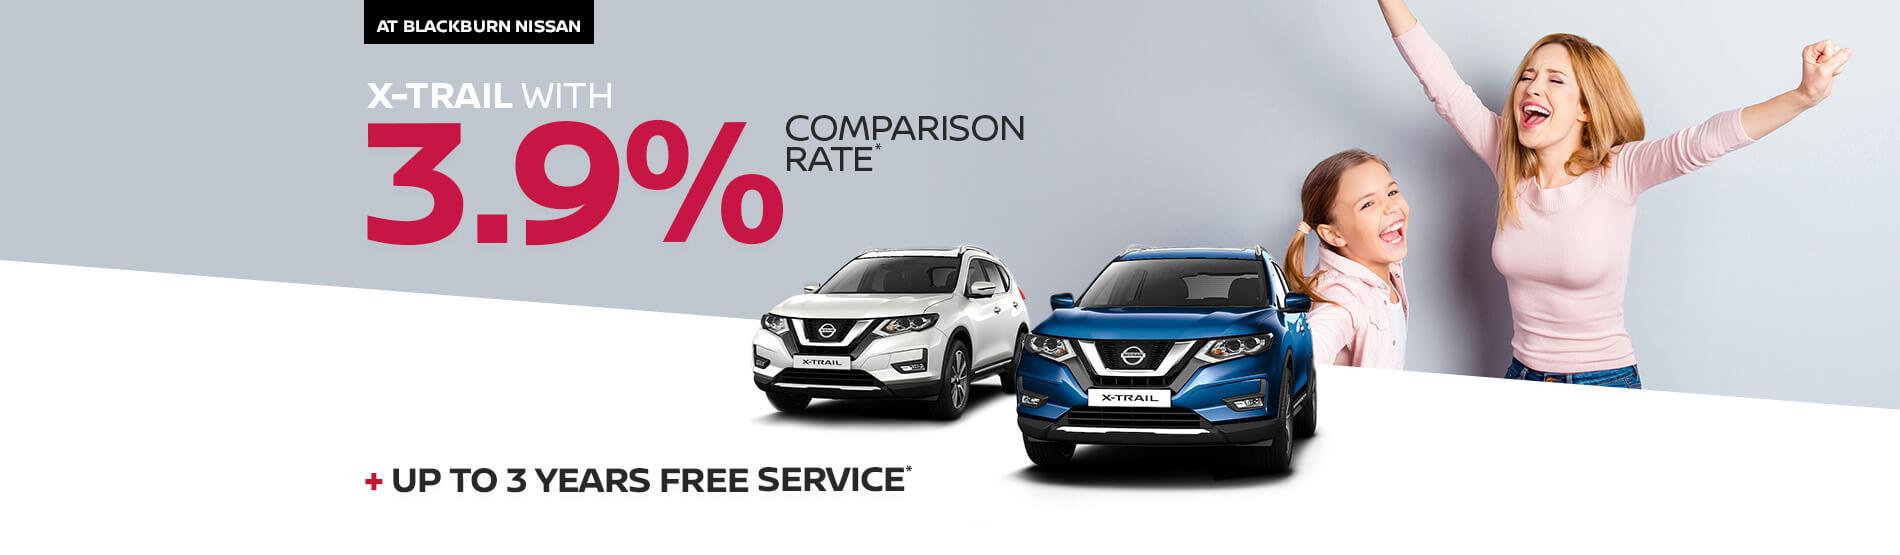 Blackburn Nissan X-Trail 3.9% Comparison Rate